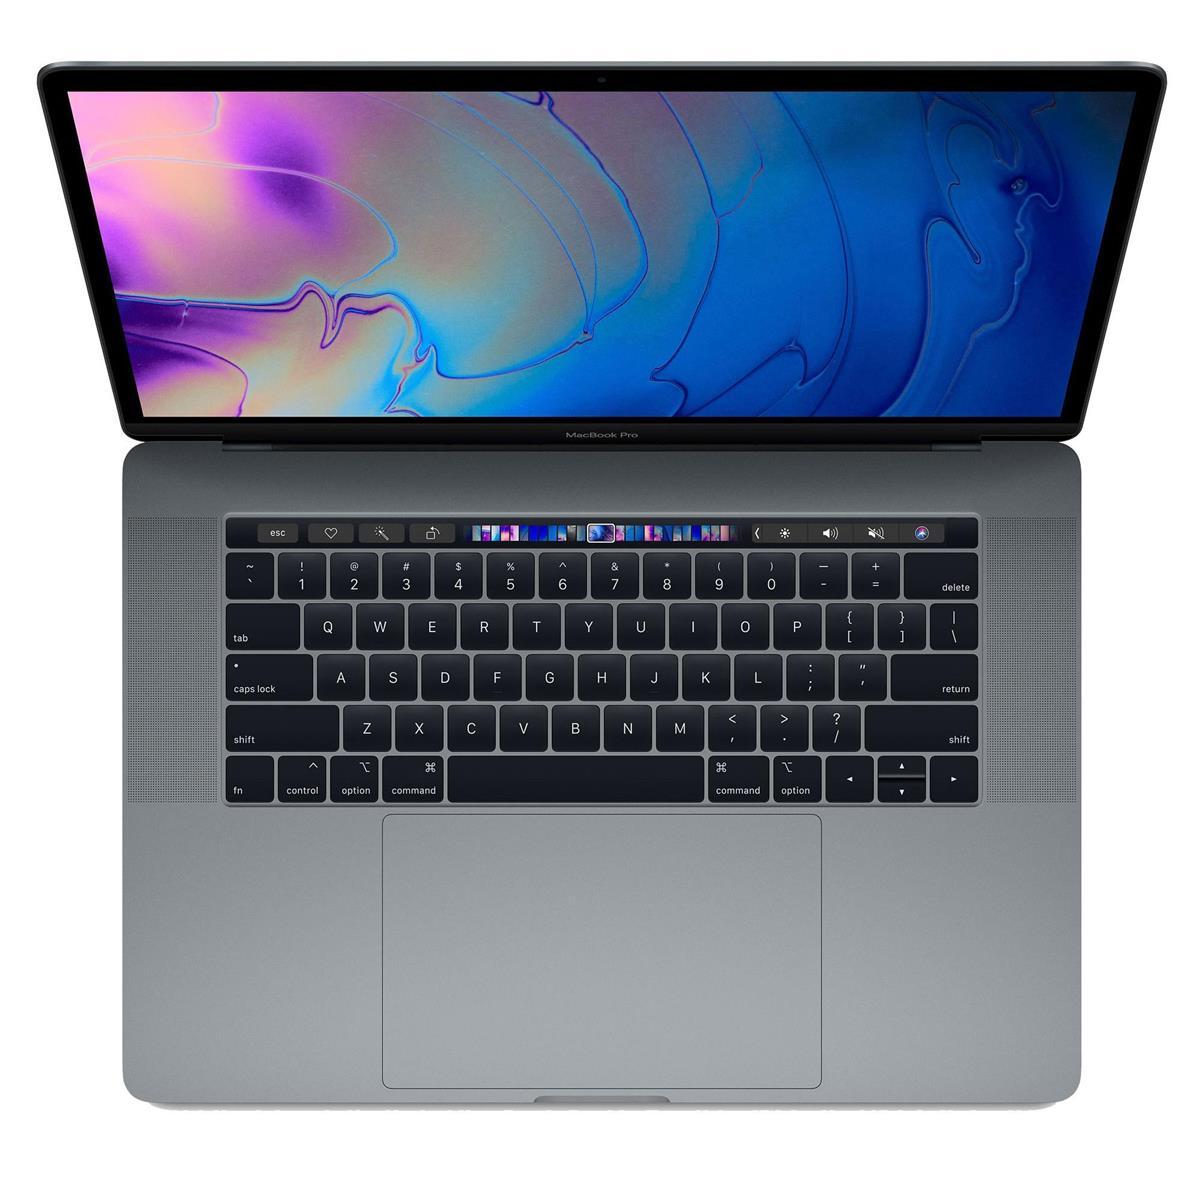 macbook 1 image